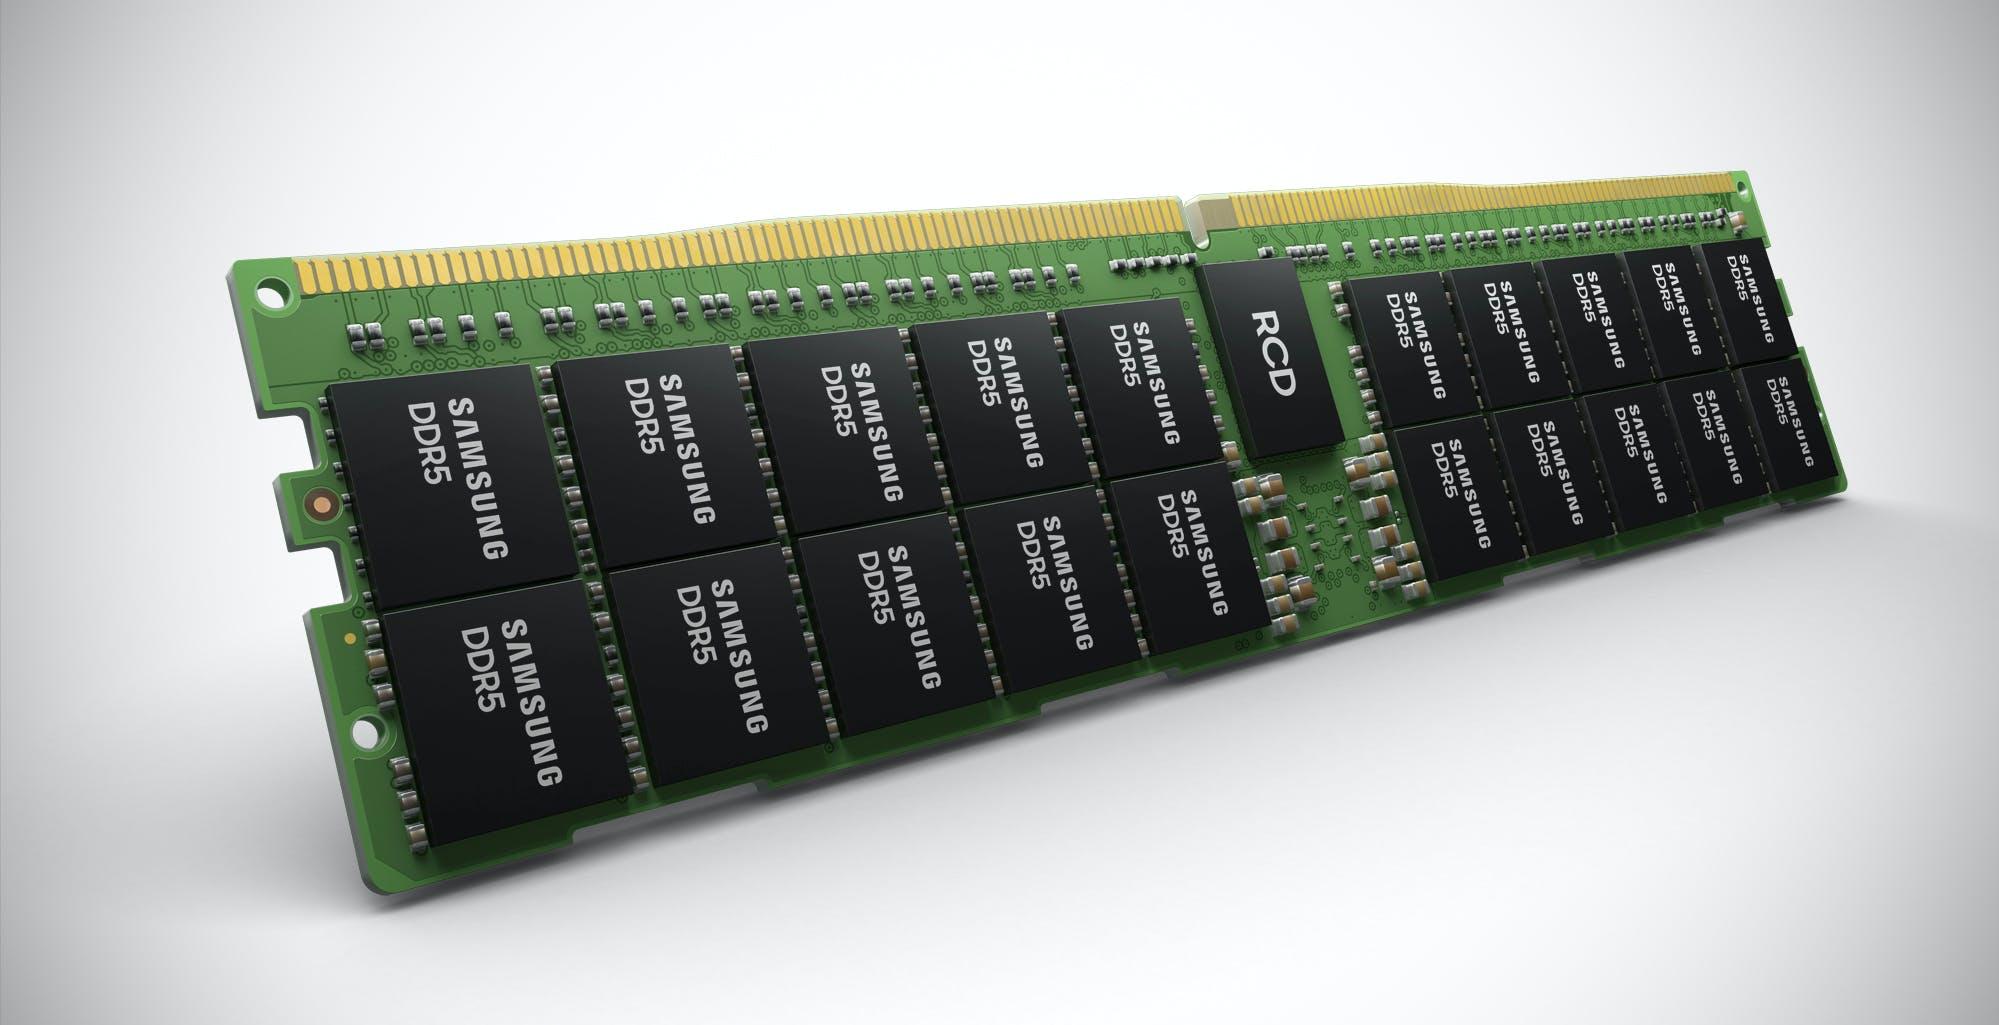 Samsung lancia la super memoria: DRAM DDR5 da 512 GB a 7200 Mhz per i server. Ma arriverà anche sui PC di casa